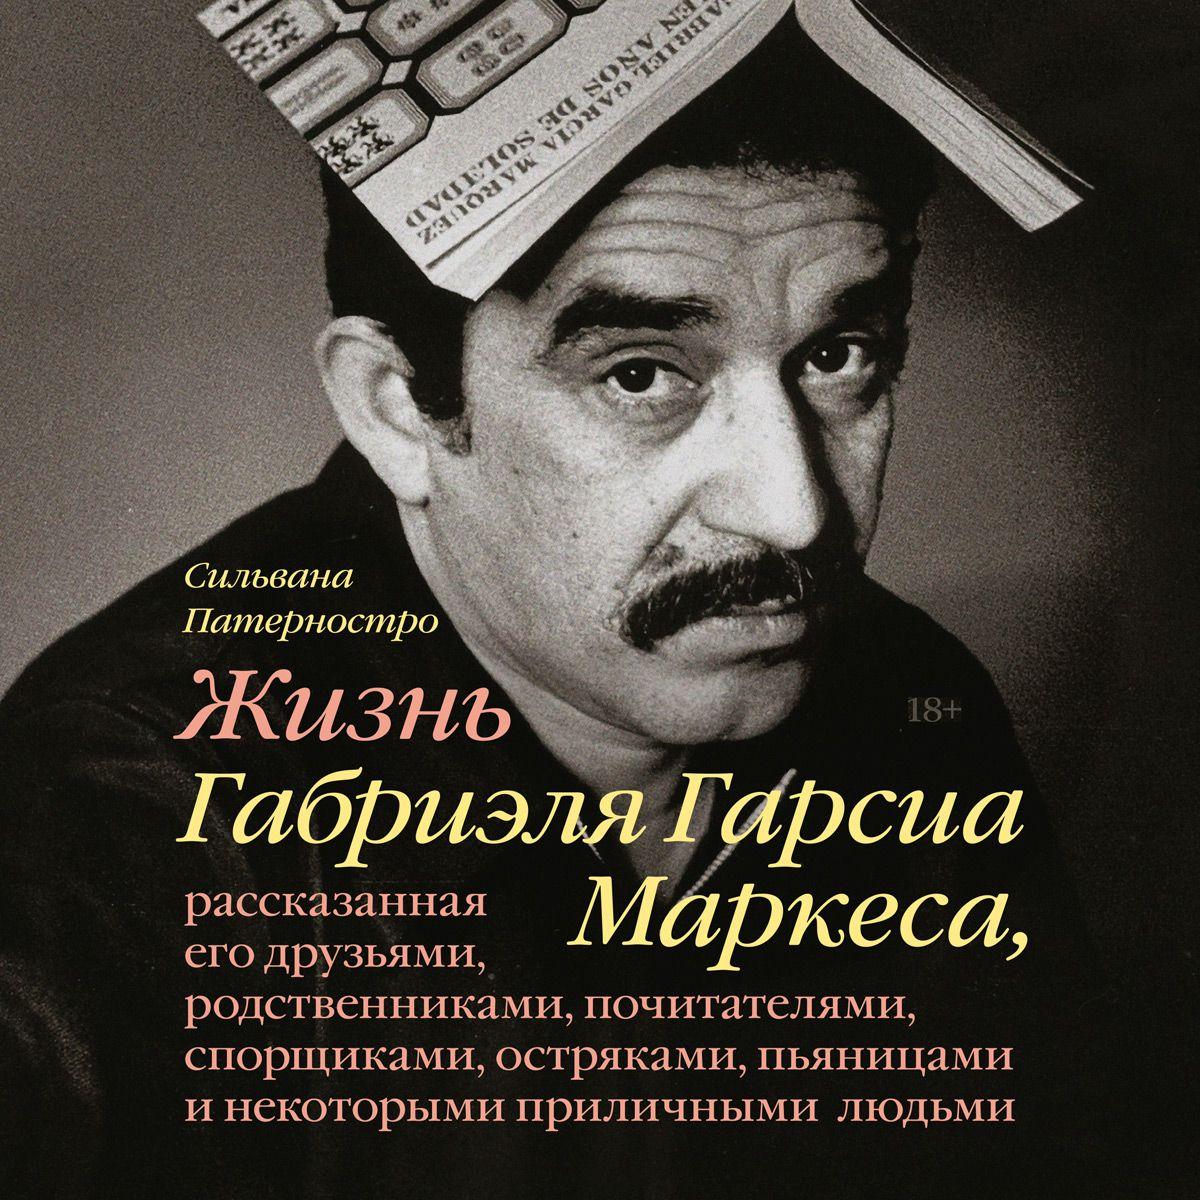 Жизнь Габриэля Гарсиа Маркеса, рассказанная его друзьями, родственниками, почитателями, спорщиками, остряками, пьяницами и некоторыми приличными людьми